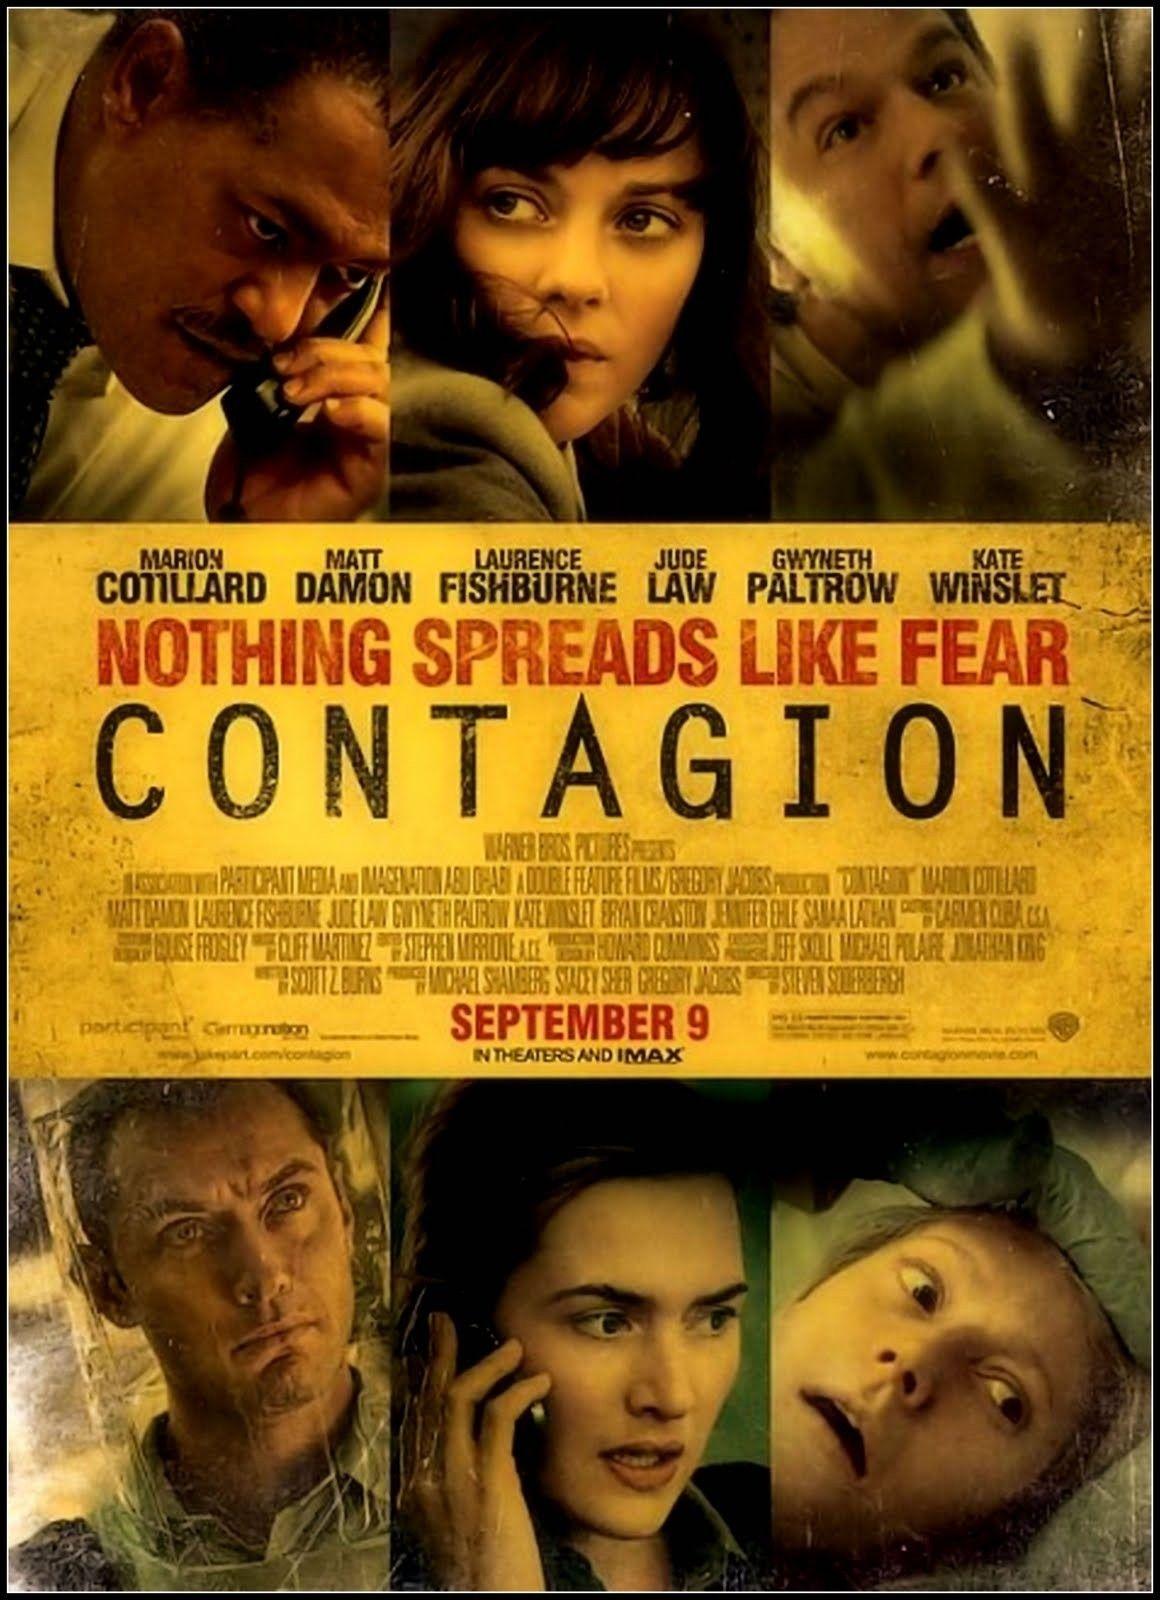 Contagion 2011 Filmes Apocalipticos Baixar Filmes Assistir